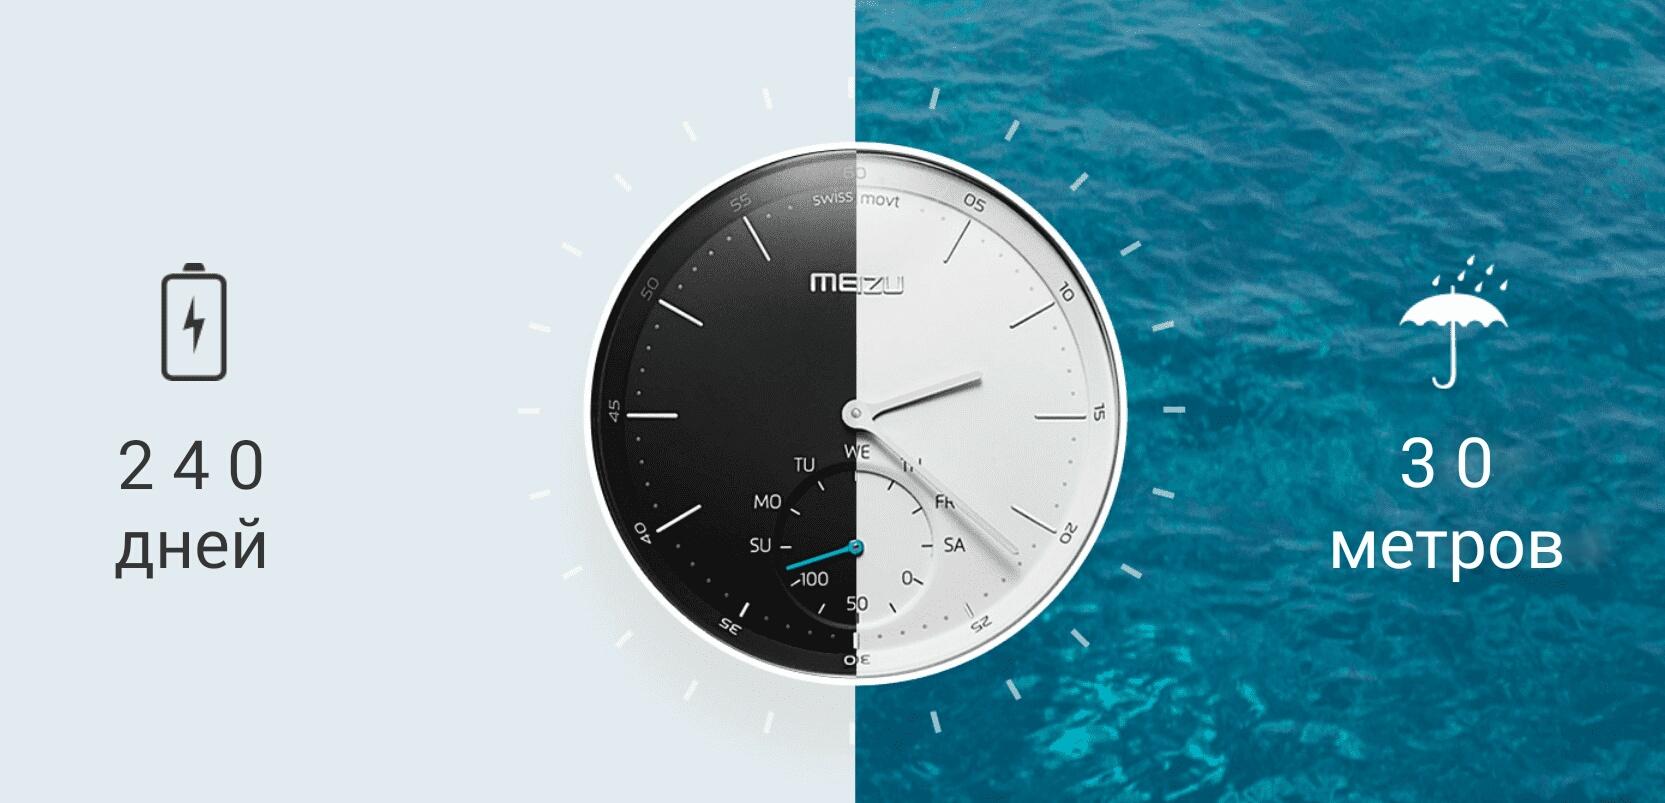 Гибридные часы Meizu Mix